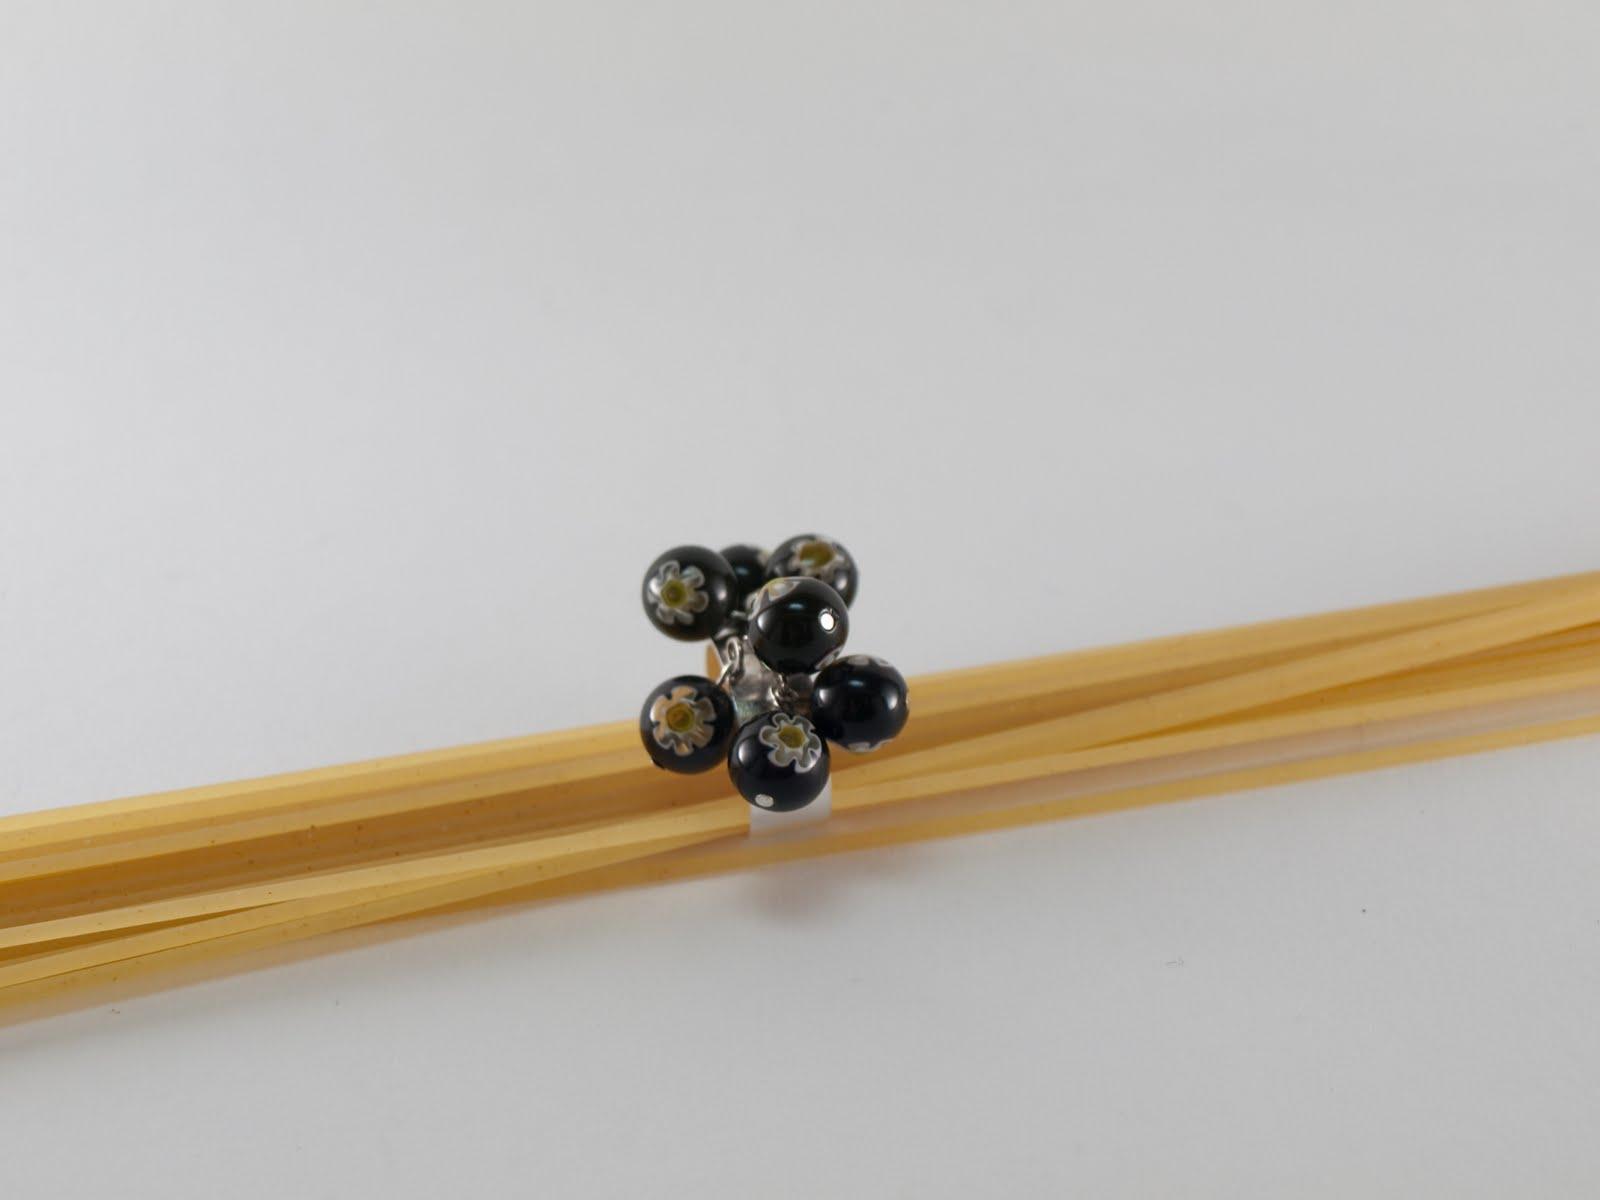 Tipitipitesa anillo de cristal de murano - Anillo cristal murano ...